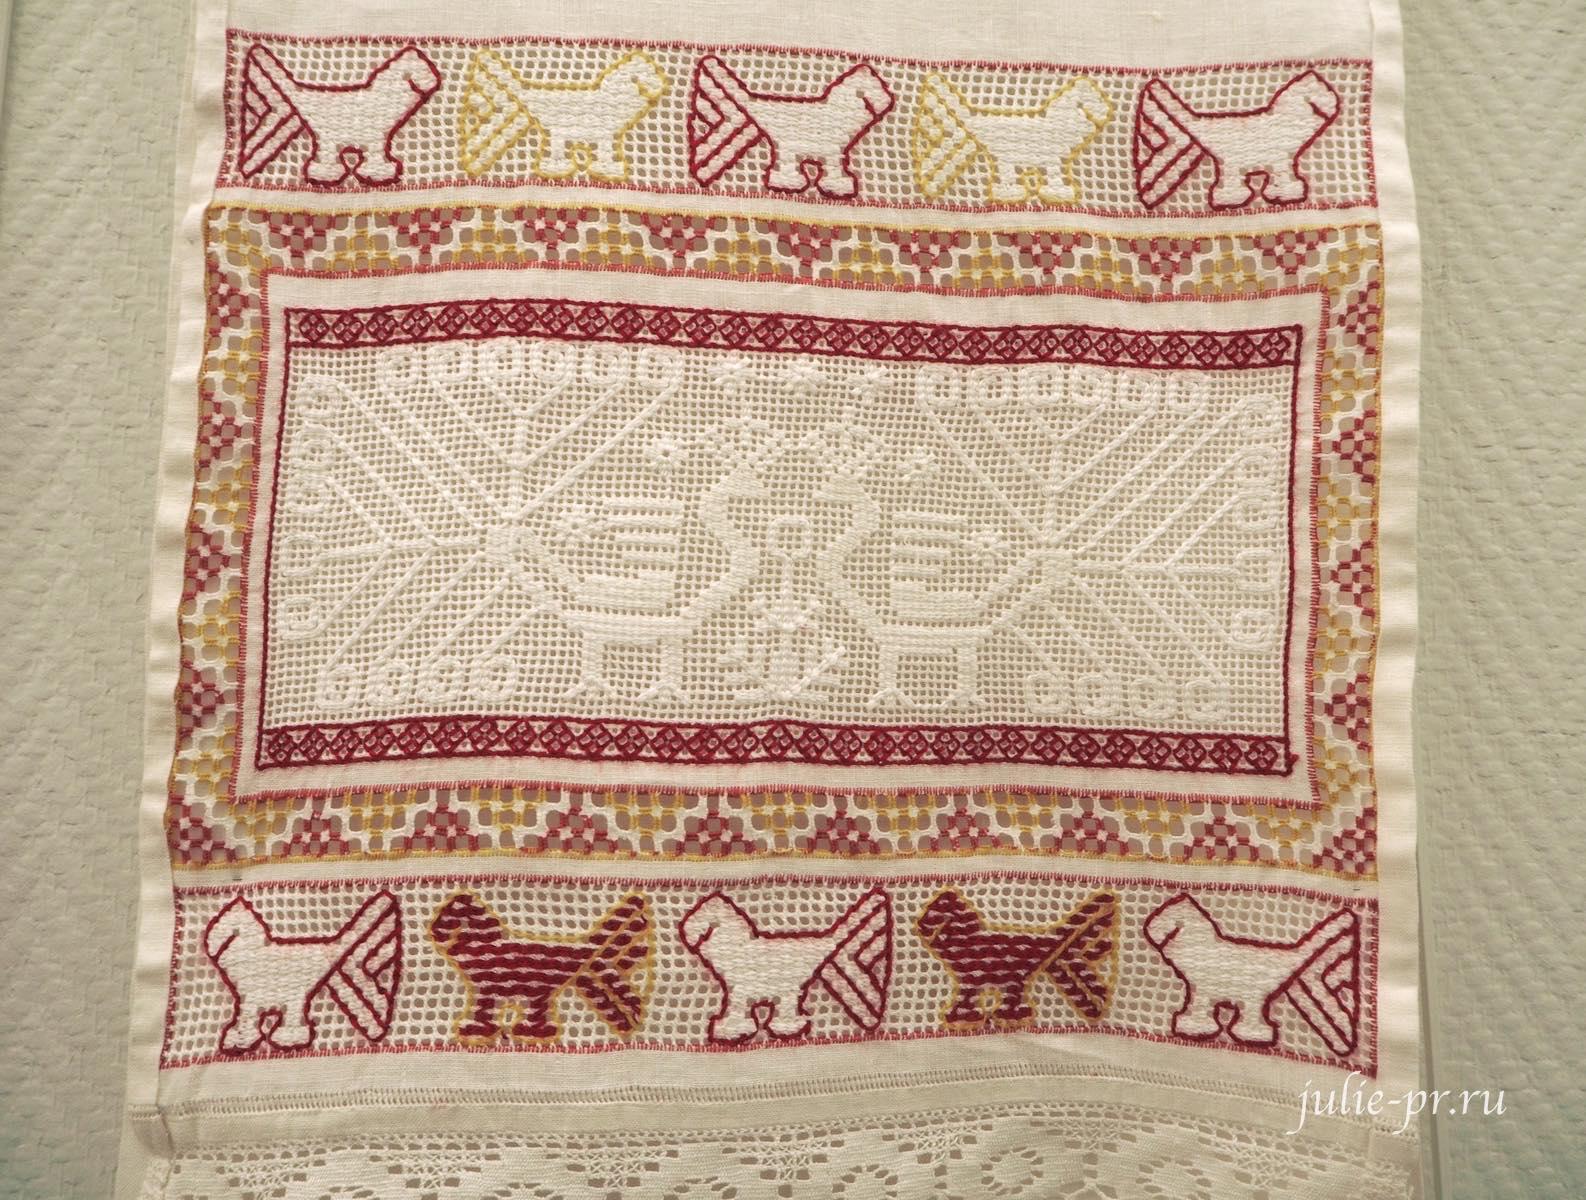 Надежда Баринова, вышитое полотенце, выставка, Иголочка тонка, да достаёт до сердца, Санкт-Петербург,